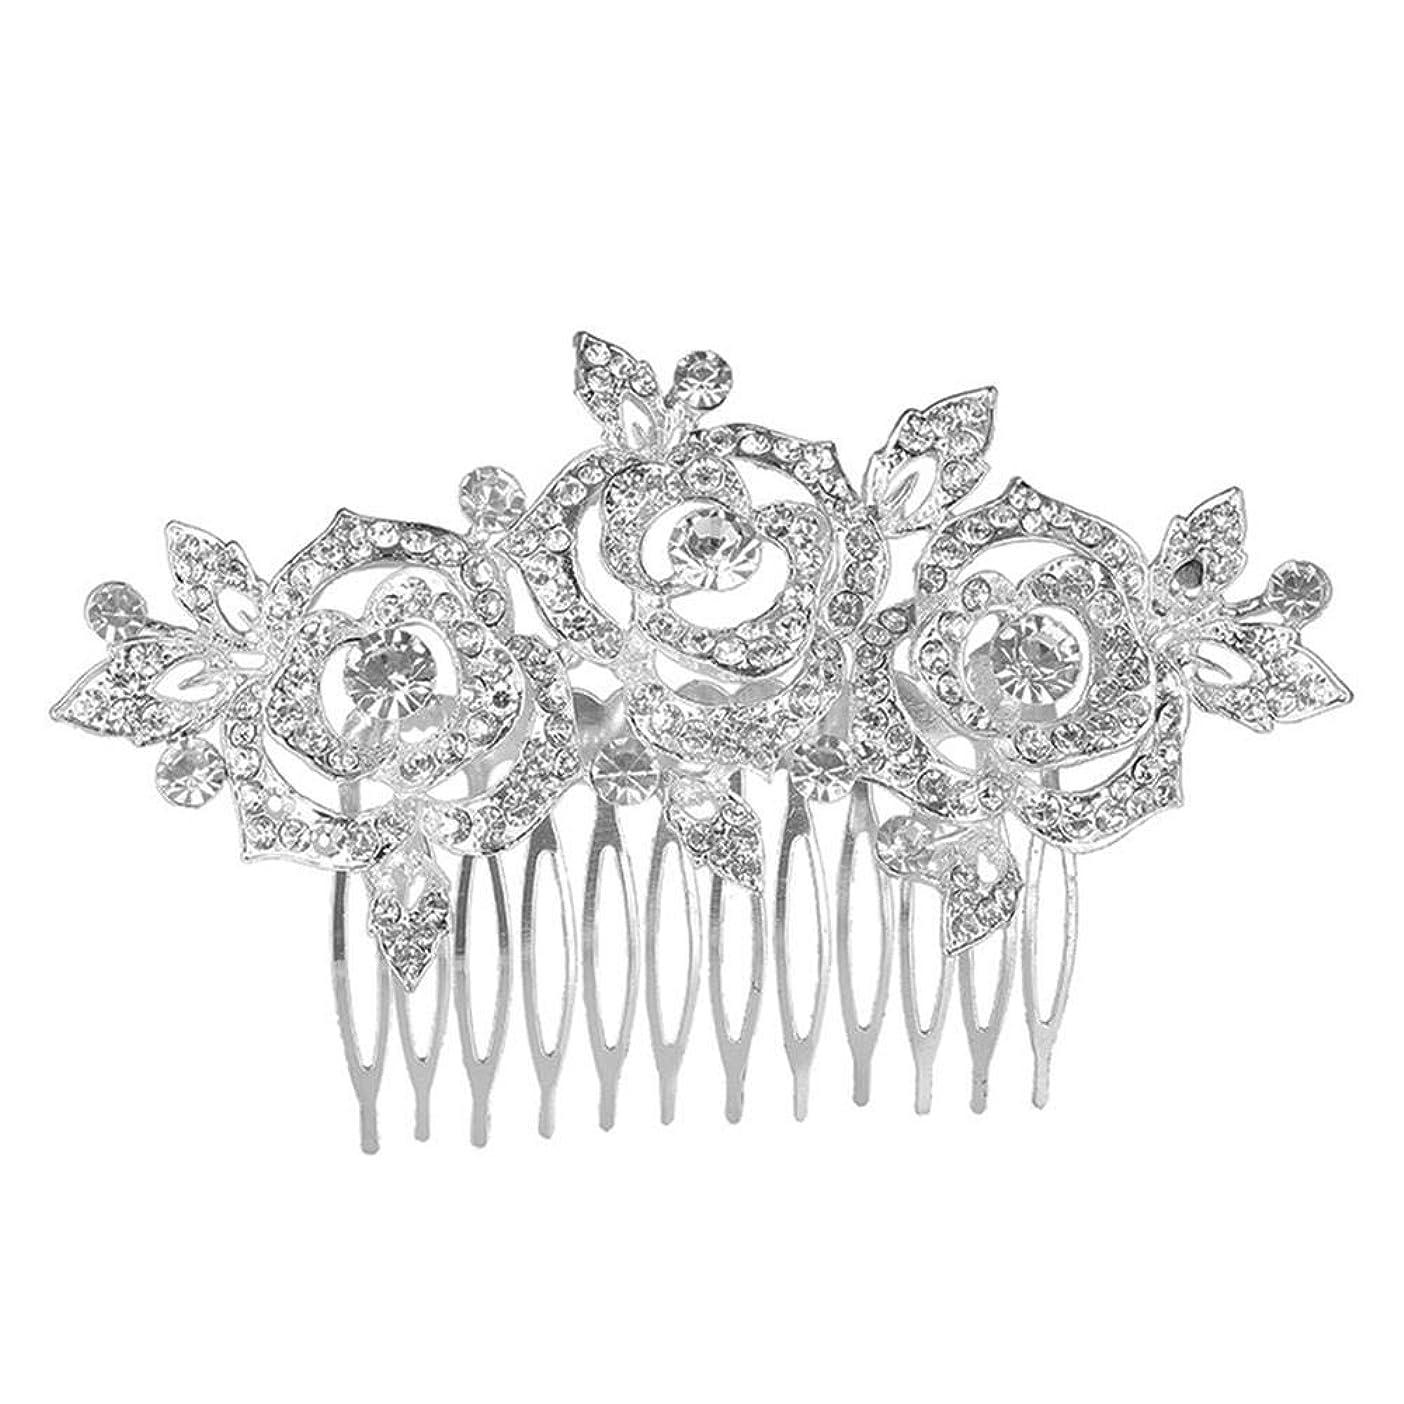 単なる啓発する光髪の櫛挿入櫛花嫁の髪櫛クラウン髪の櫛結婚式の付属品櫛の髪の櫛花の櫛の櫛ブライダルヘッドドレス